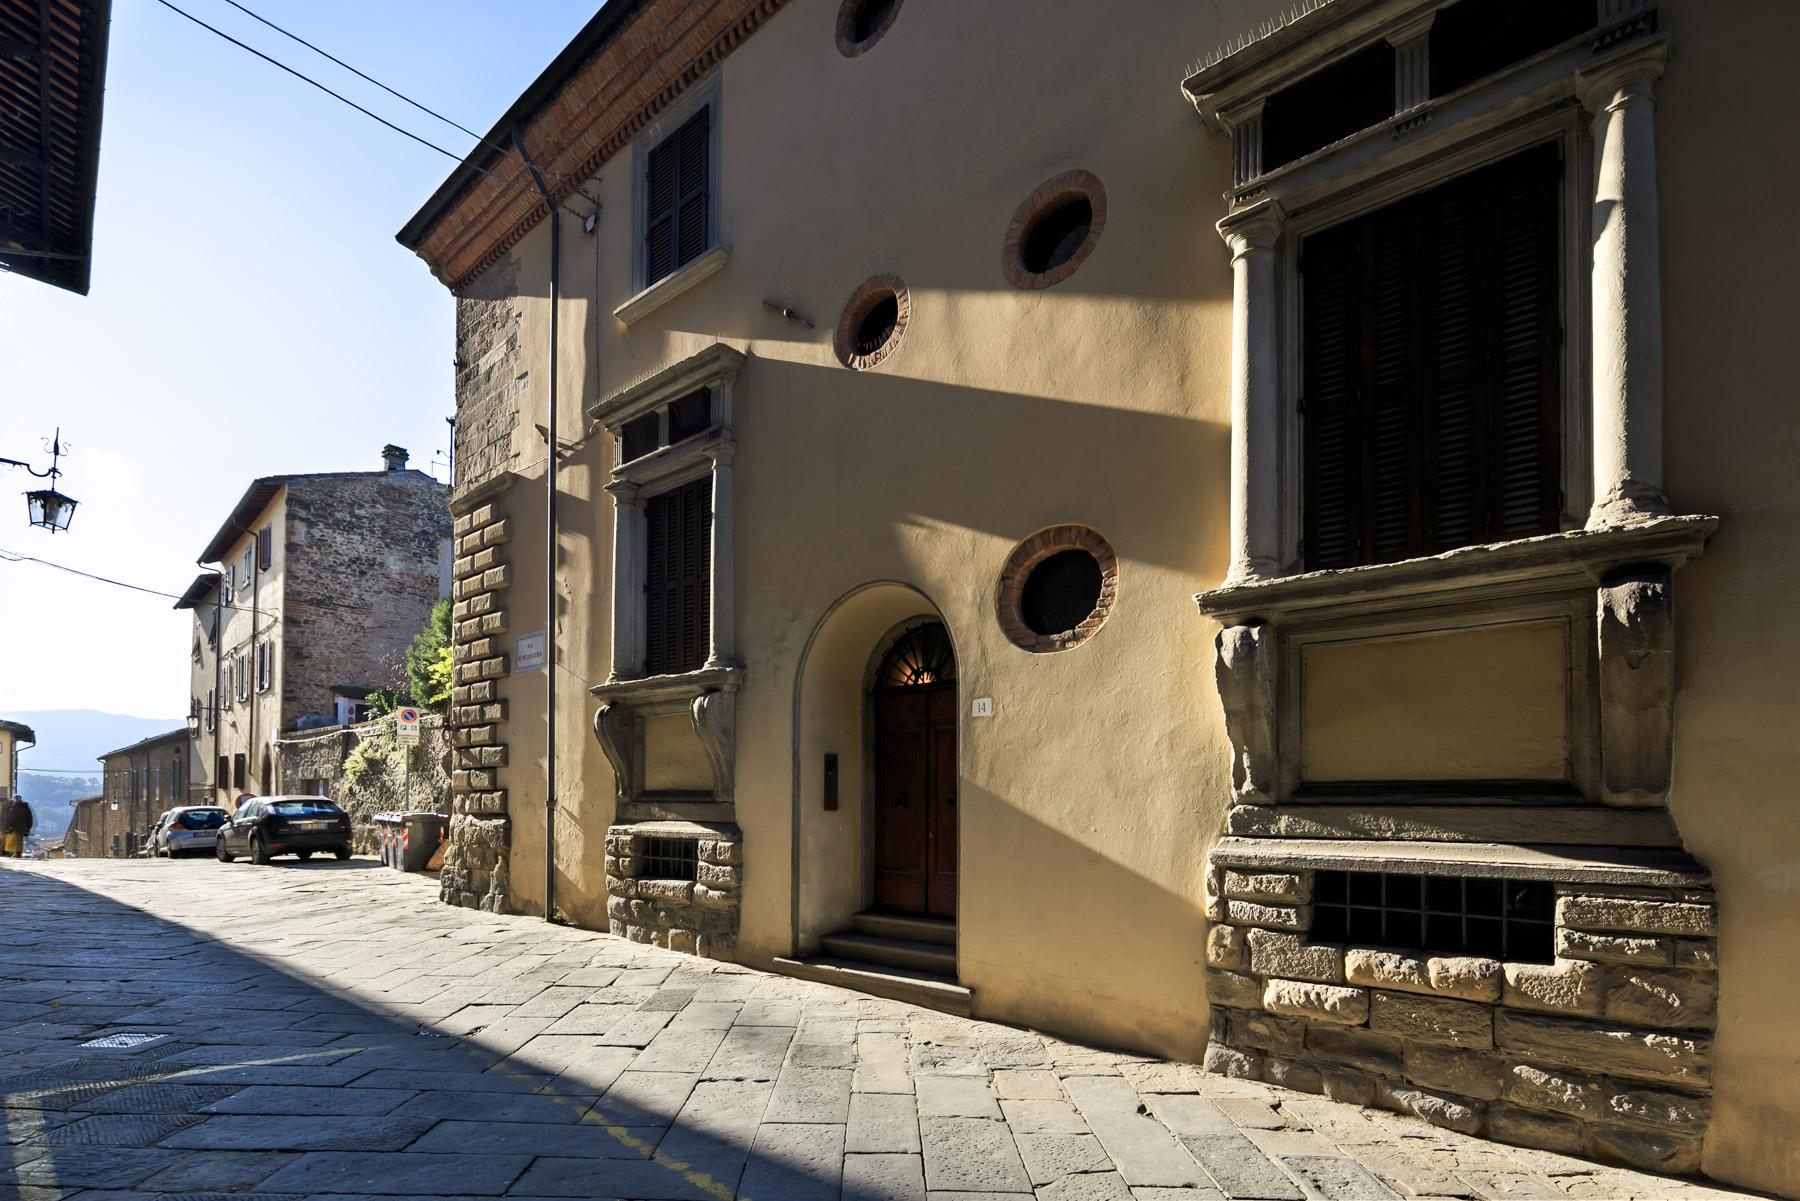 Palazzo Rinascimentale in Vendita a pochi passi da Piazza Grande, Arezzo - 23